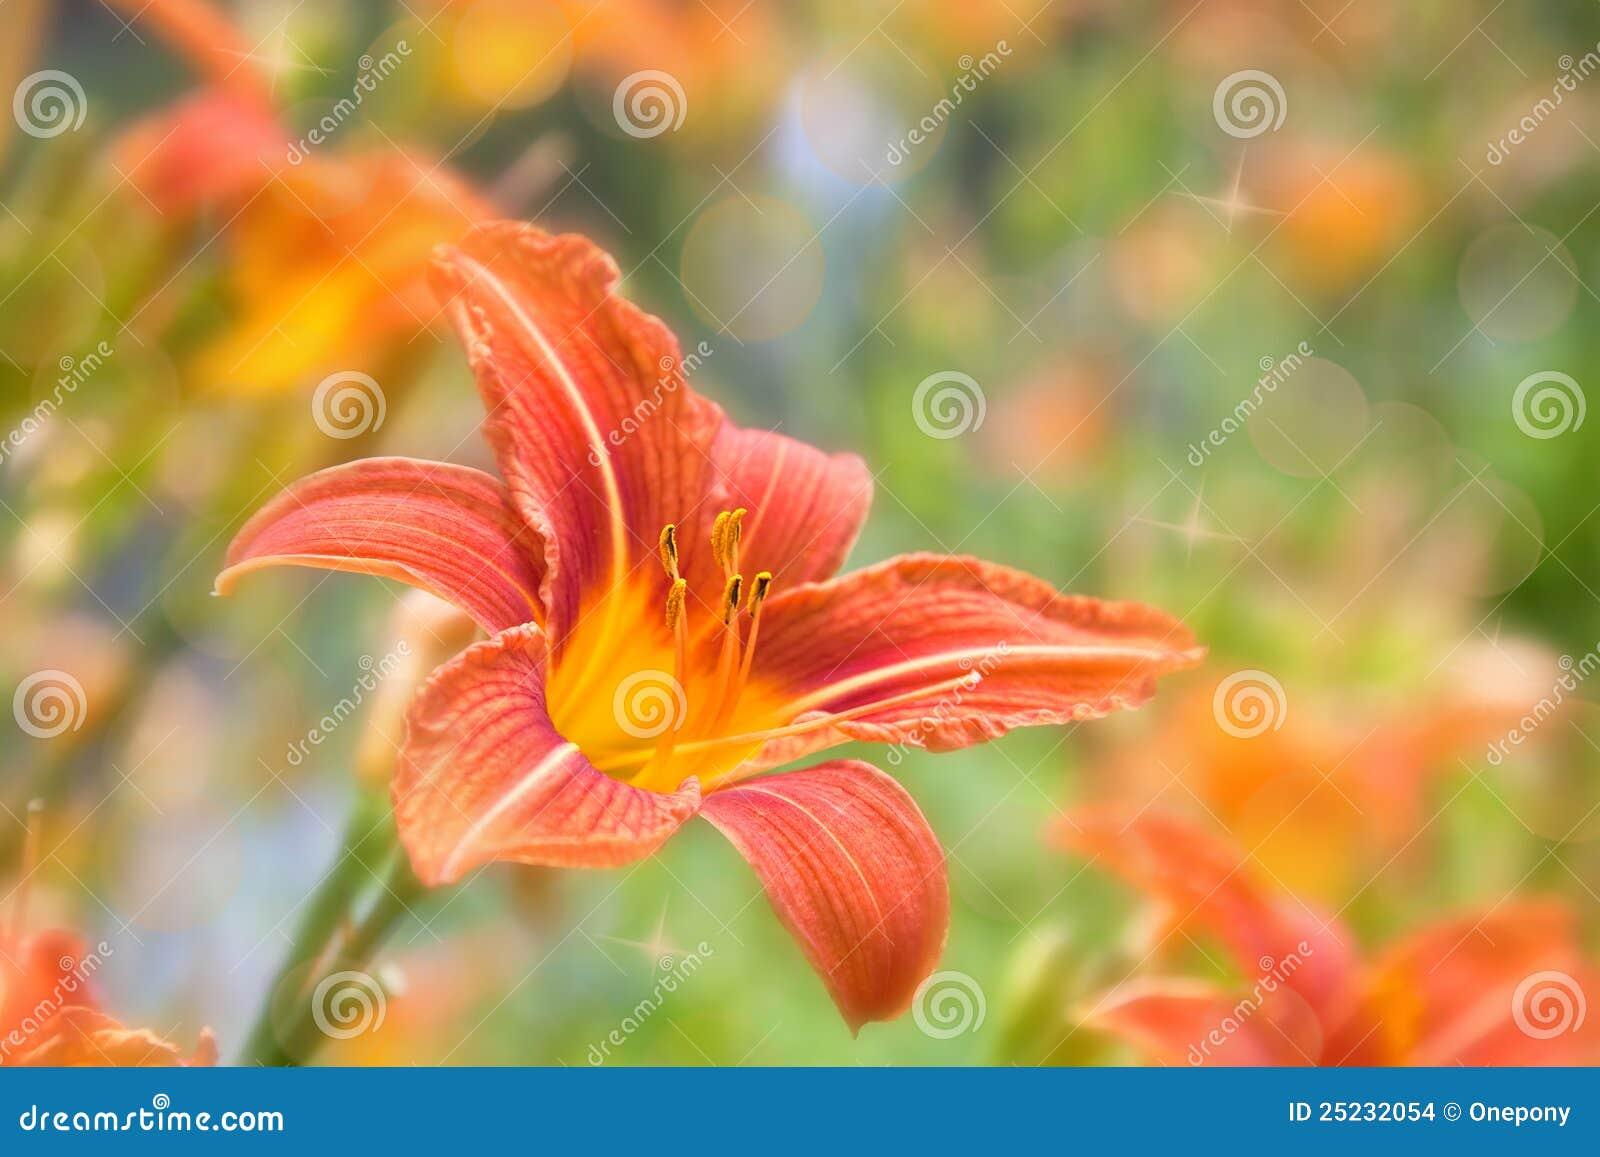 Daylily桔子